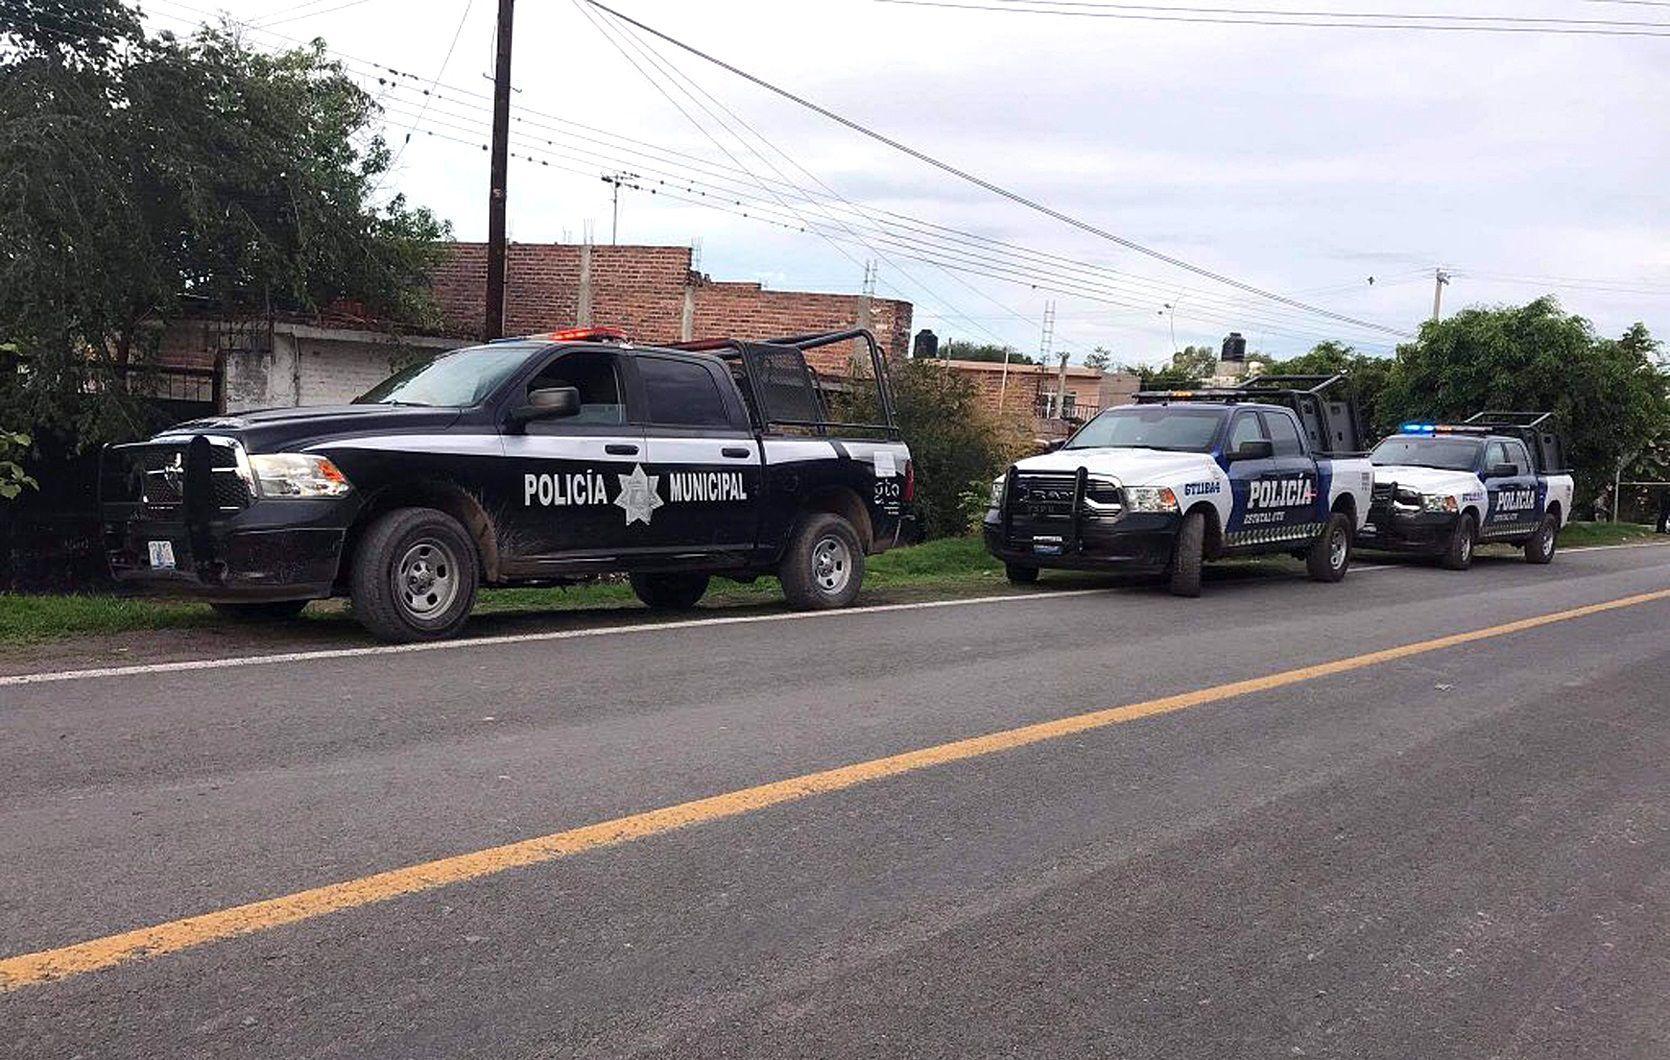 Elementos de la policía municipal (Foto: EFE/Archivo)